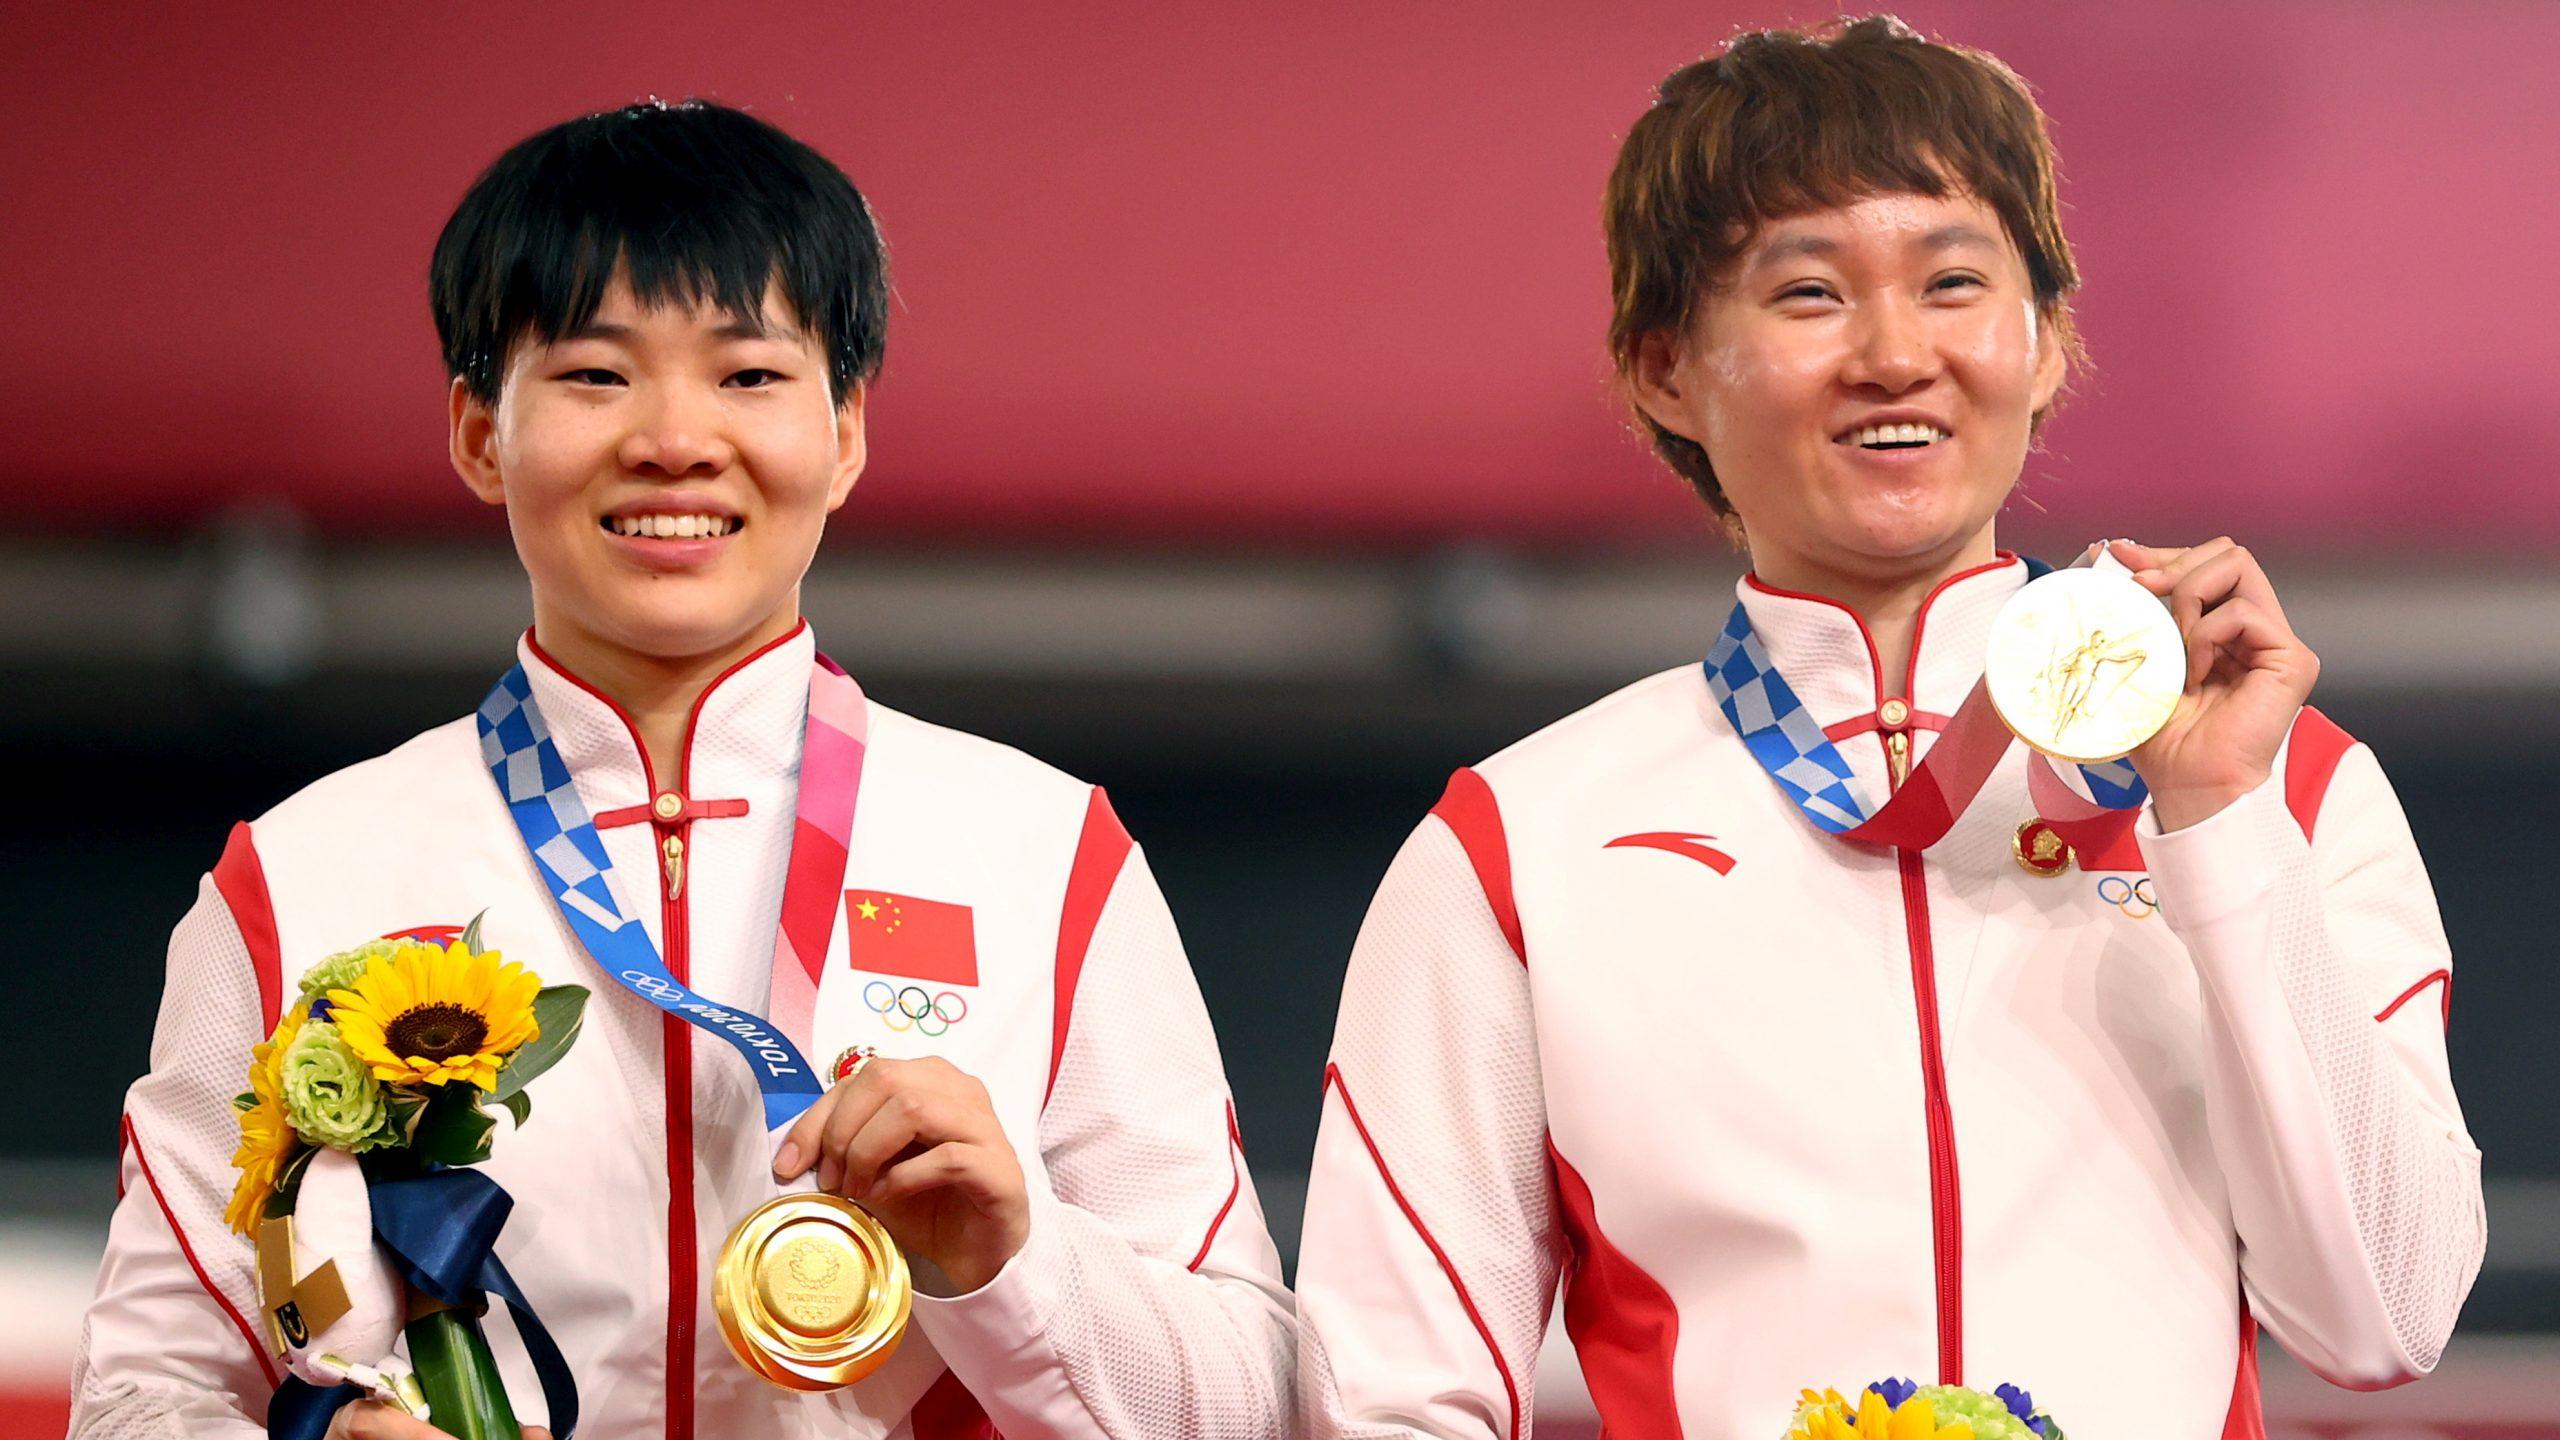 Diário Olímpico da Pista I – Primeiro Ouro para a dupla feminina Chinesa de Sprint! Dia de bater vários recordes!